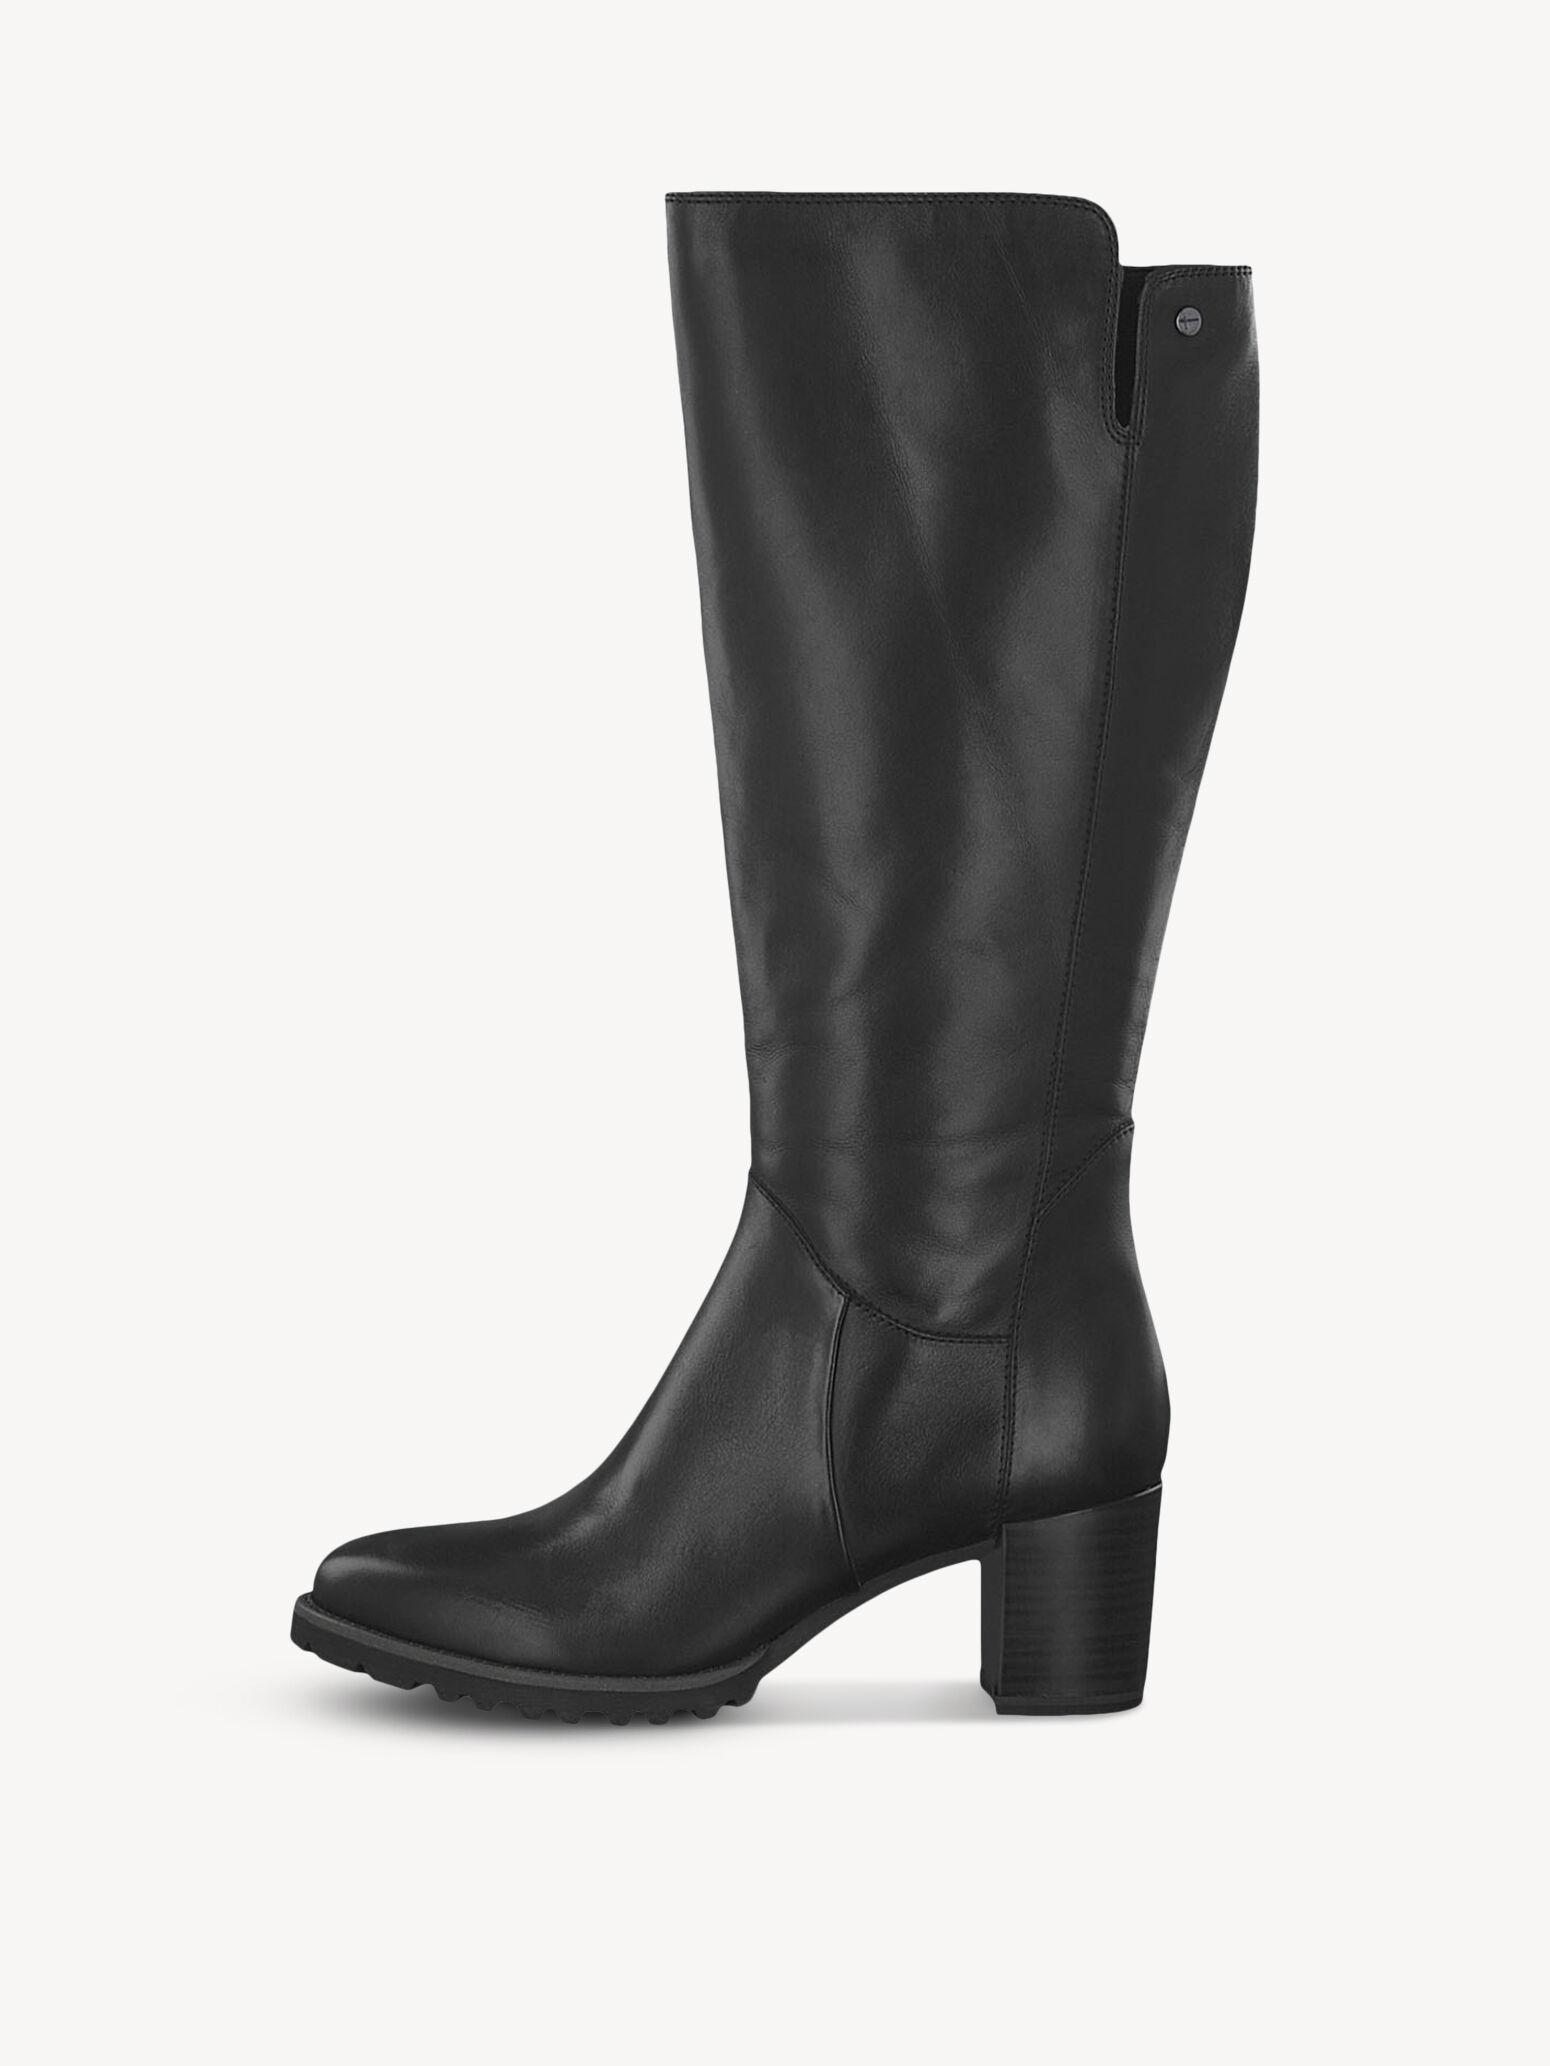 Kaufen Damenschuhe Online Tamaris Stiefel Für Damen PiuTOZwkX